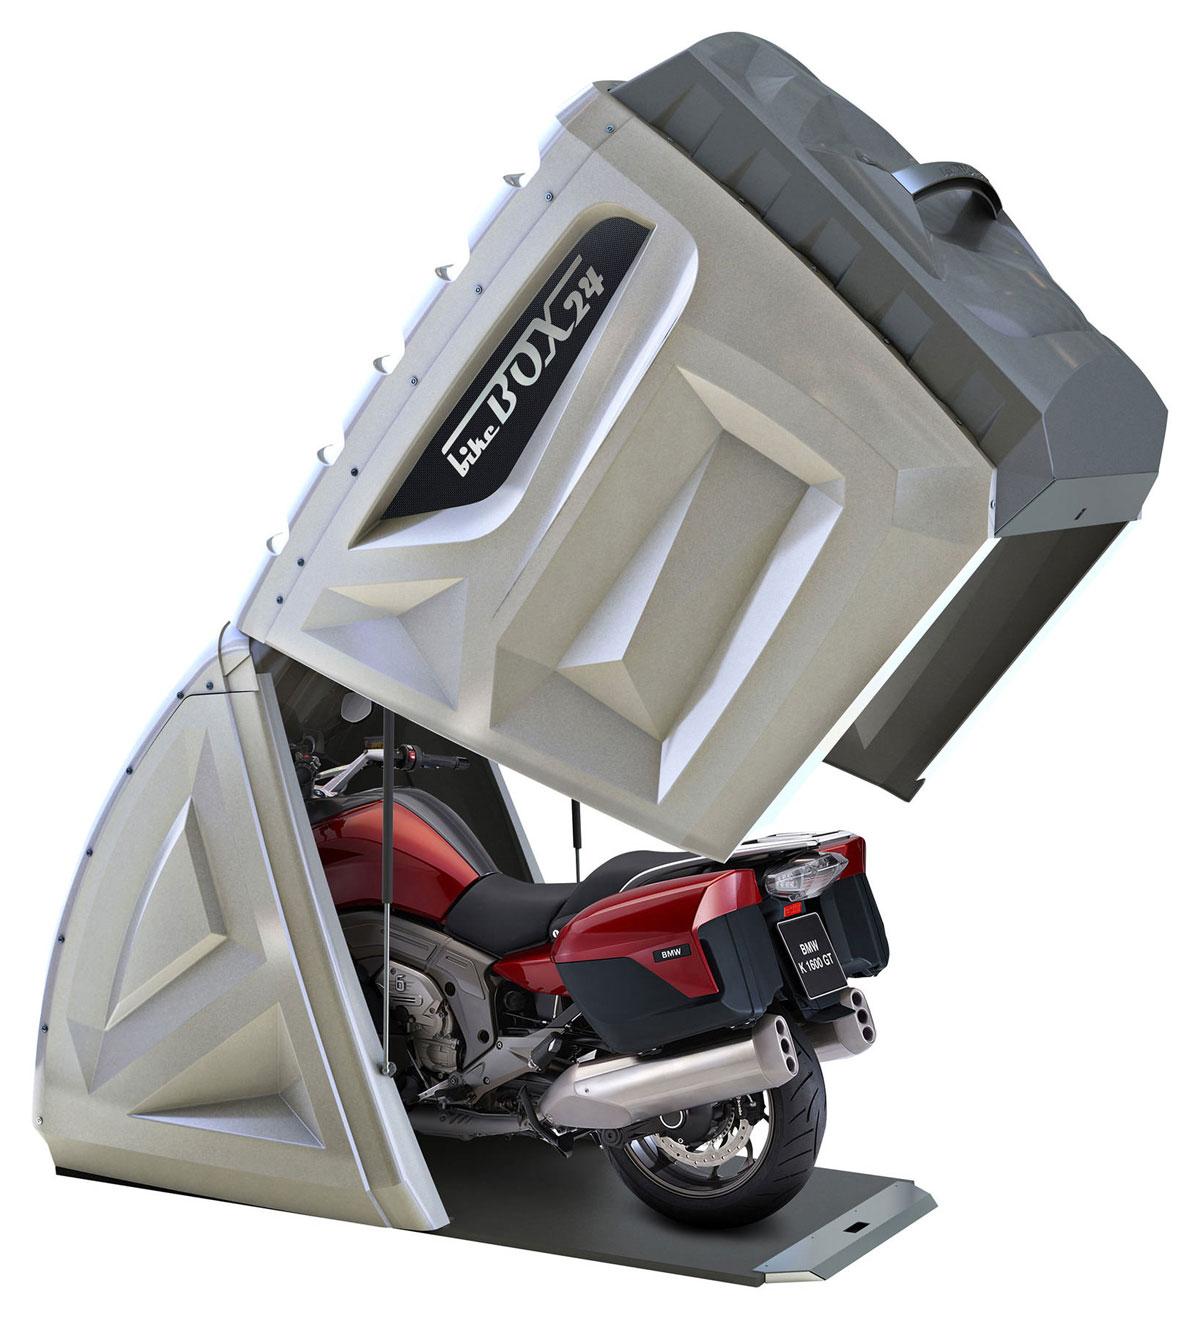 Abri et garage moto Bikebox24 XL Abri-garage-moto-bikebox24-xl_hd